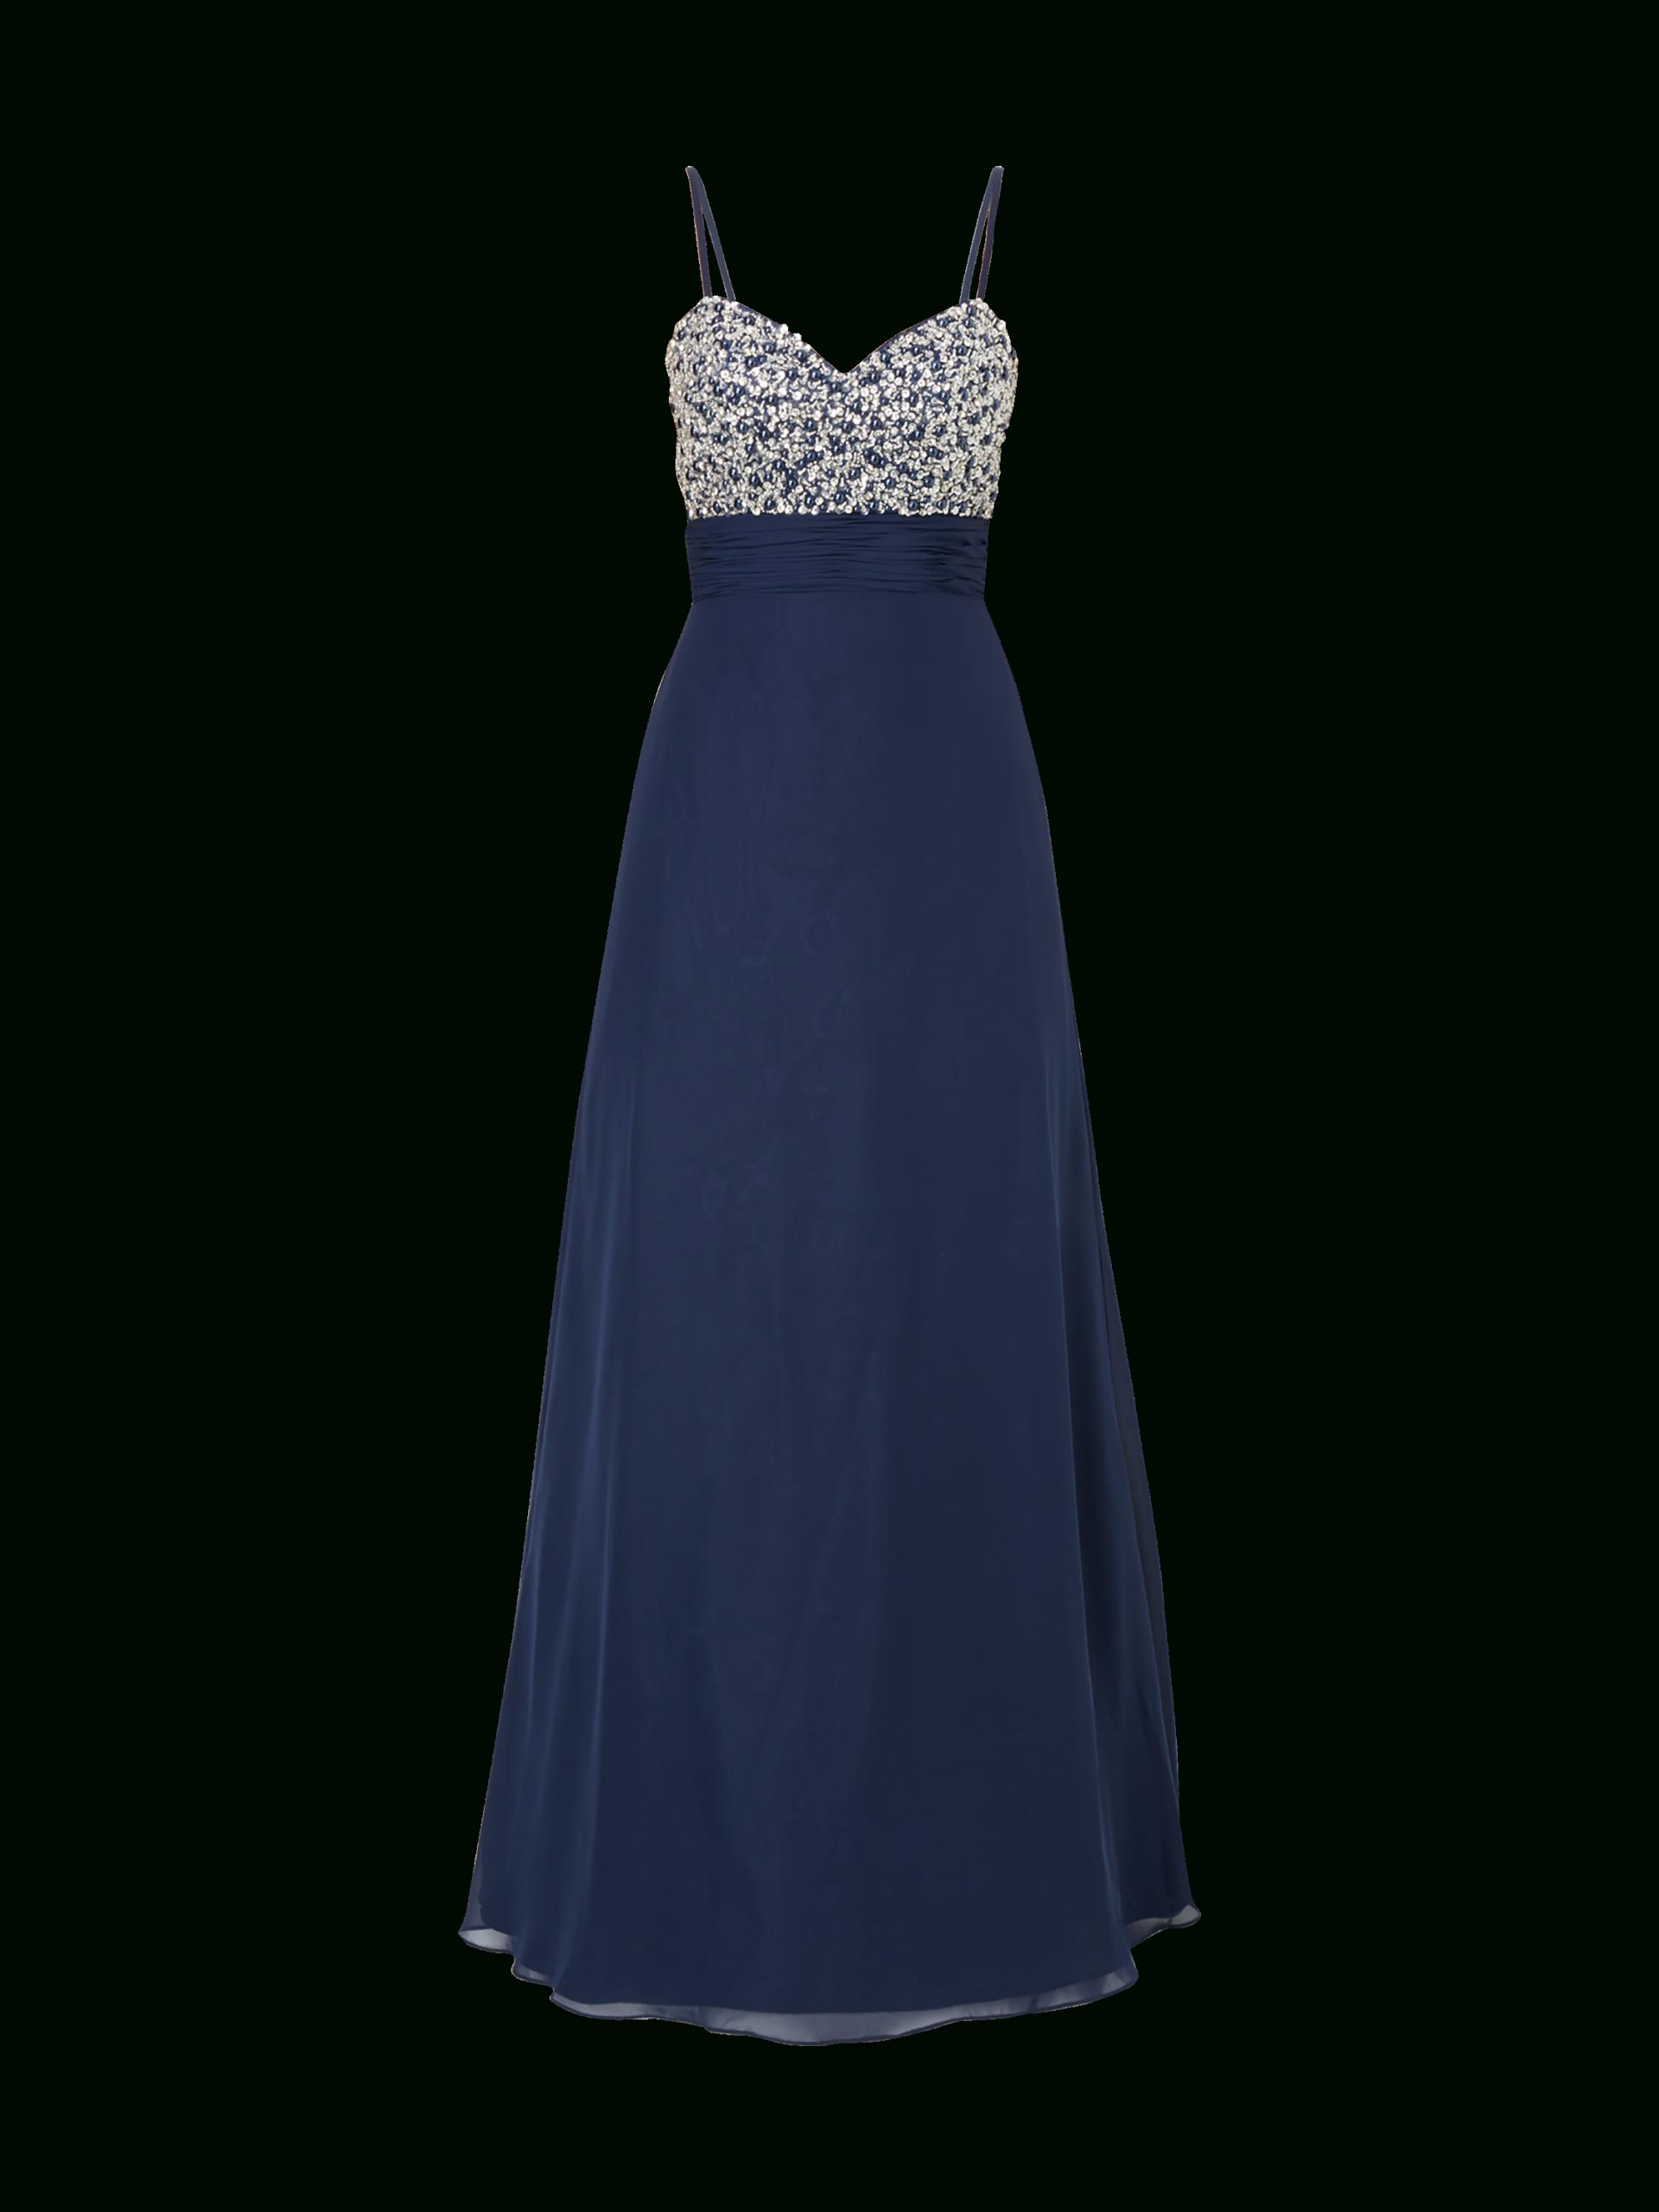 17 Luxus Peek Und Cloppenburg Abendkleid ÄrmelAbend Spektakulär Peek Und Cloppenburg Abendkleid Stylish